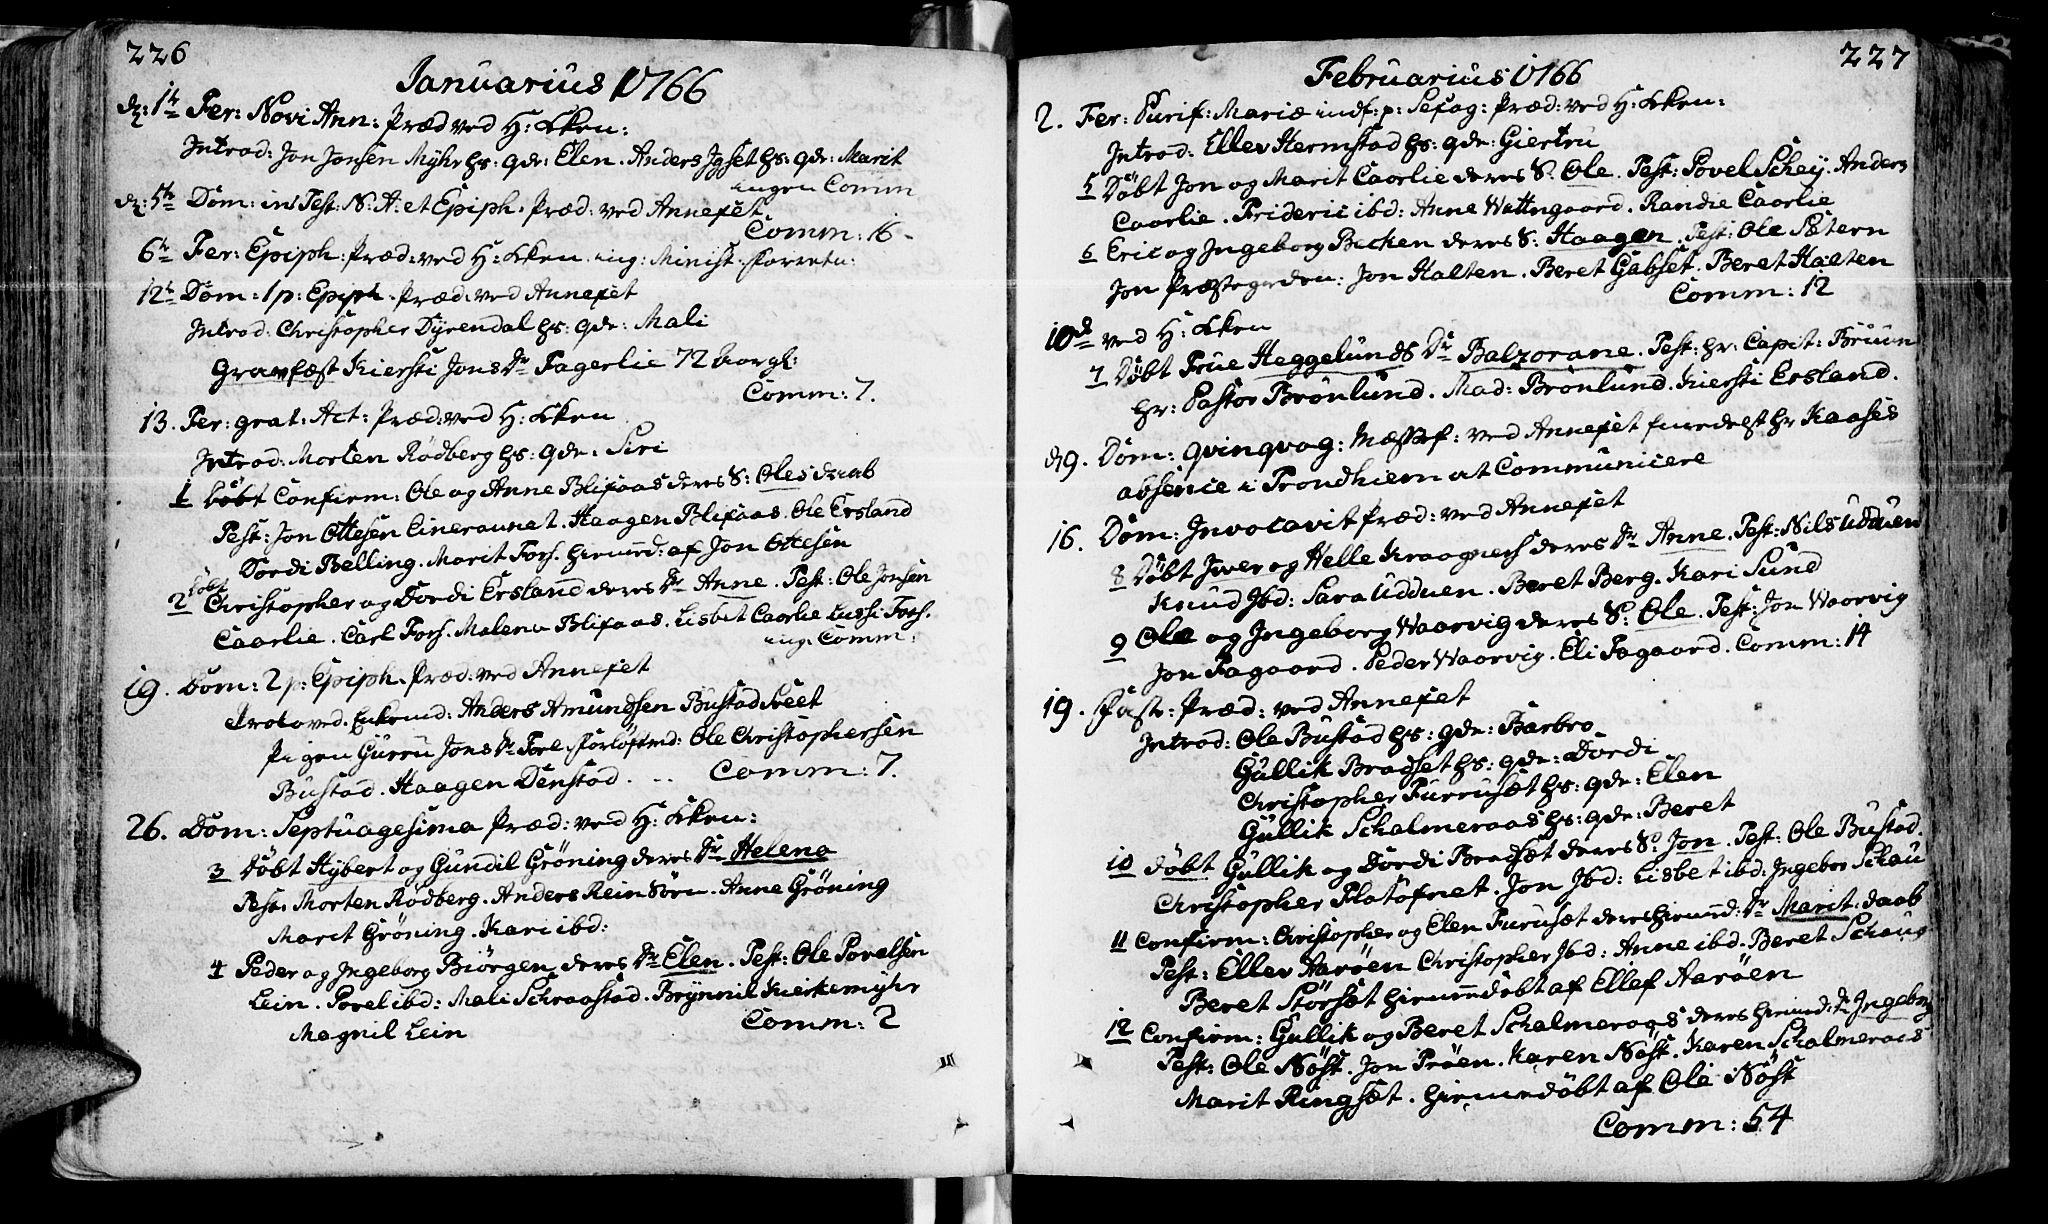 SAT, Ministerialprotokoller, klokkerbøker og fødselsregistre - Sør-Trøndelag, 646/L0605: Ministerialbok nr. 646A03, 1751-1790, s. 226-227